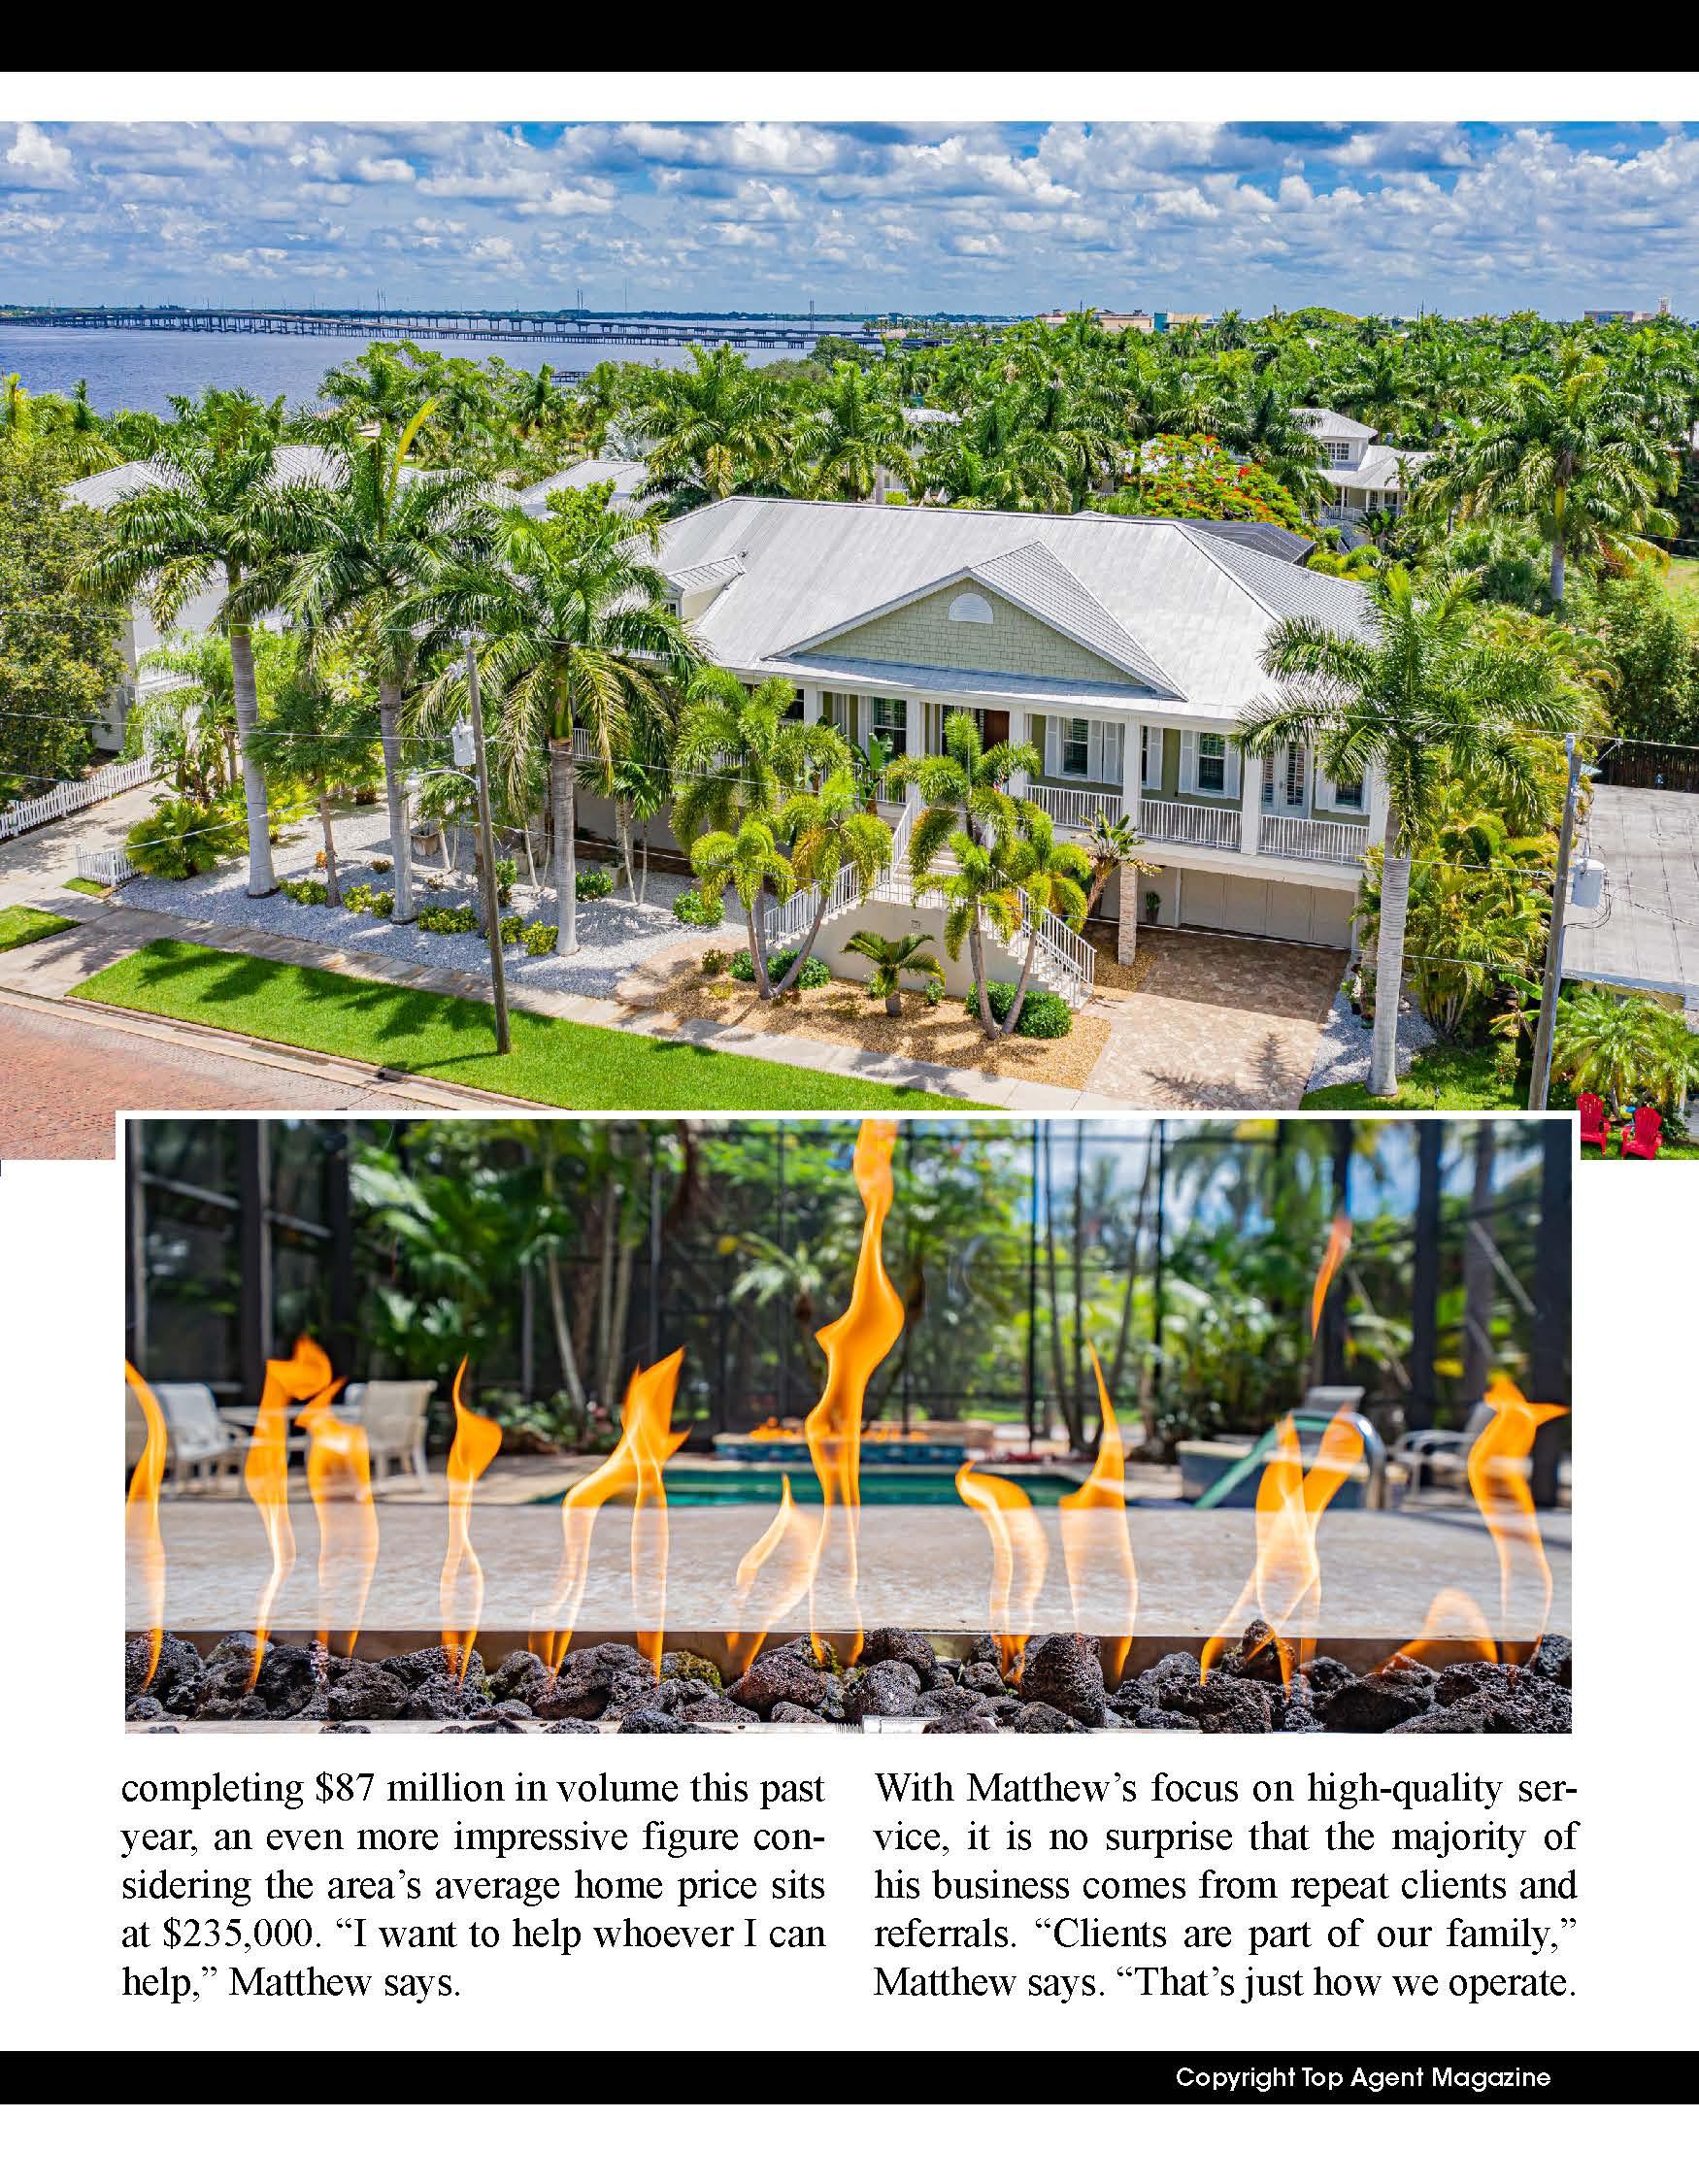 Top Agent Magazine MATTHEW PATTERSON JPEG_Page_3.jpg